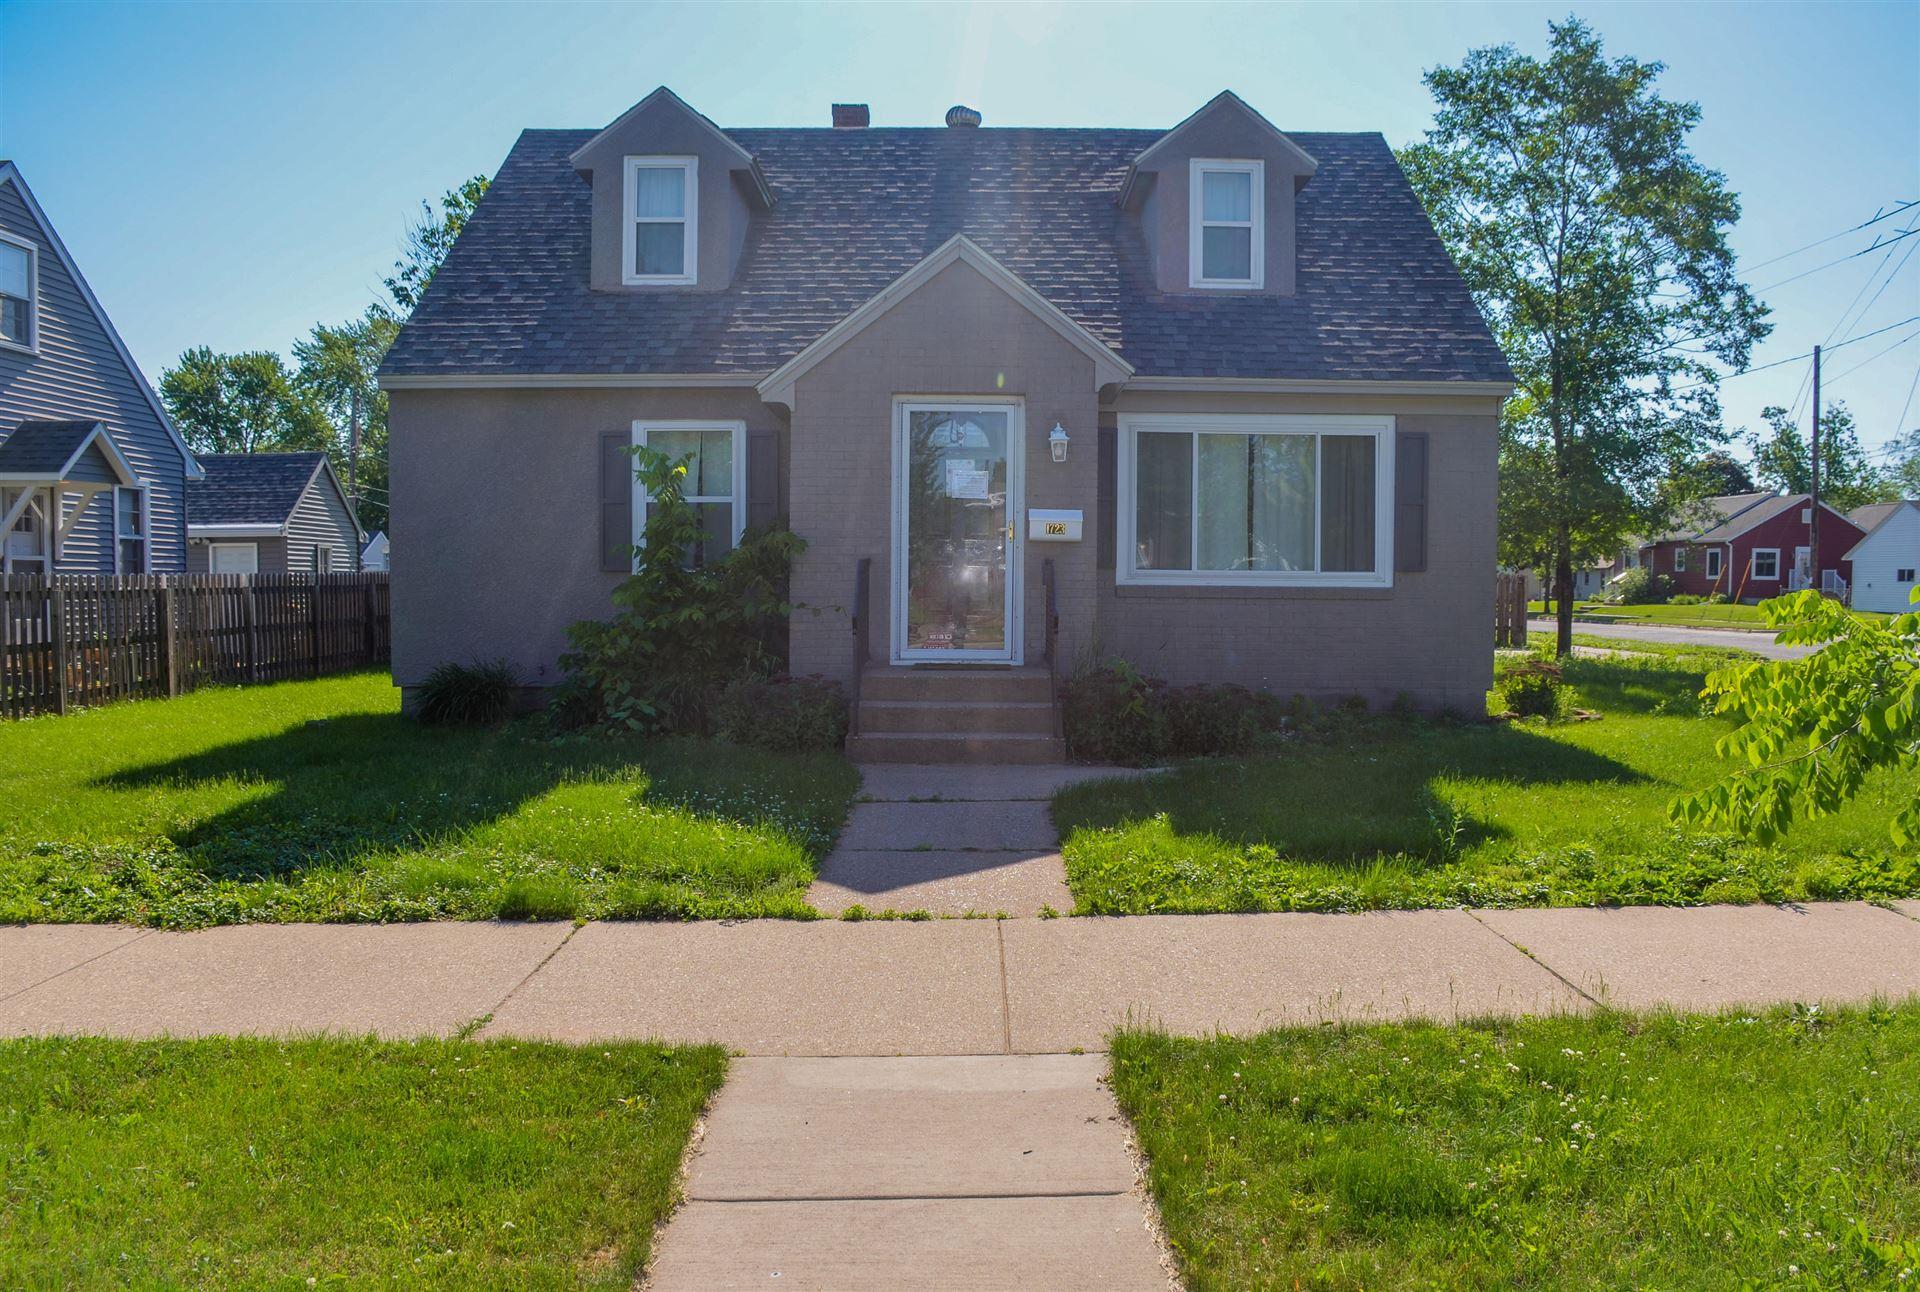 1723 East Ave S, La Crosse, WI 54601 - MLS#: 1681118